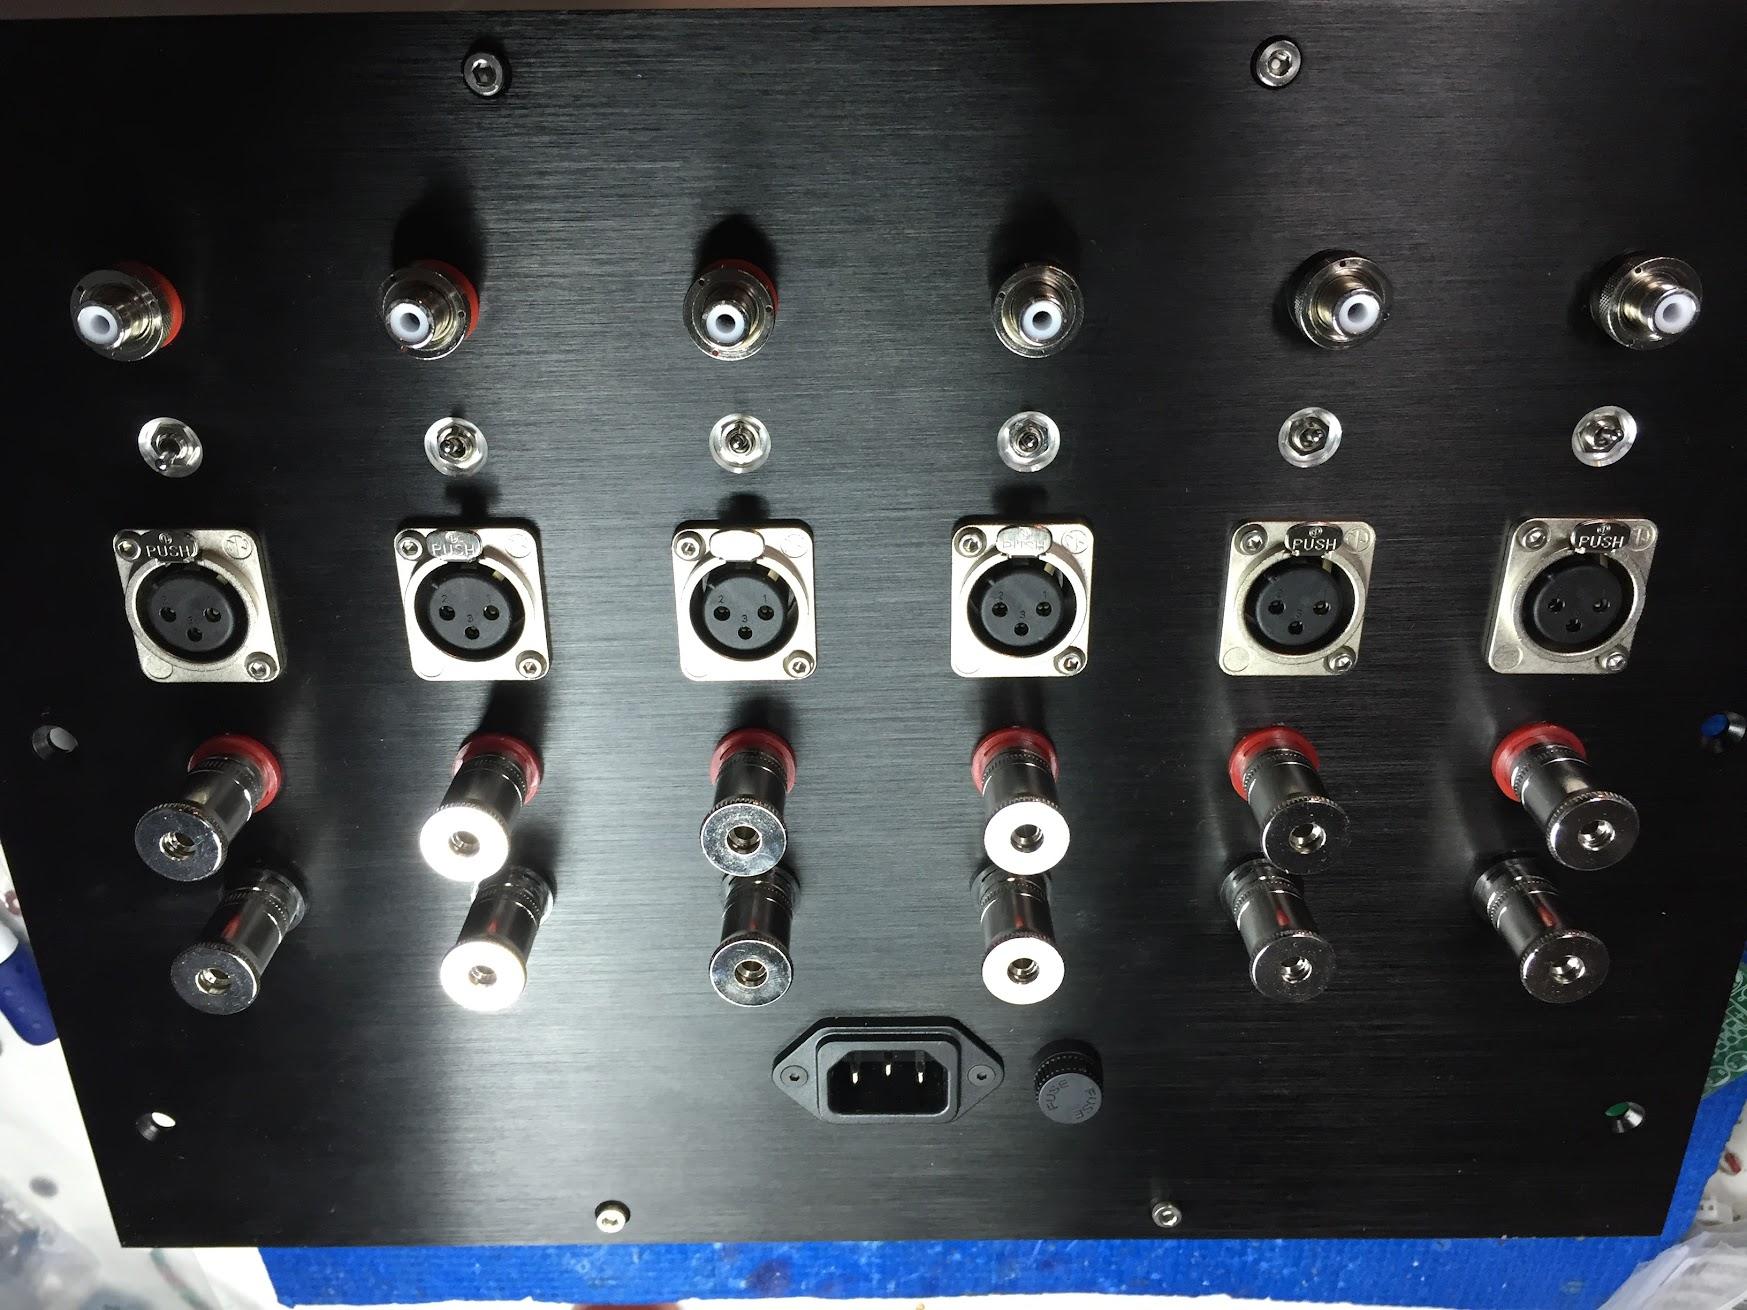 Amplificateur 6 canaux pour actif trois voies OMFCY3CBh1irlILSLZluat1E1gd8a26onmmFMexpYQC1BJvfDTsTHWZWXmfzkHwyXsWH9BpX8A=w1747-h1310-no